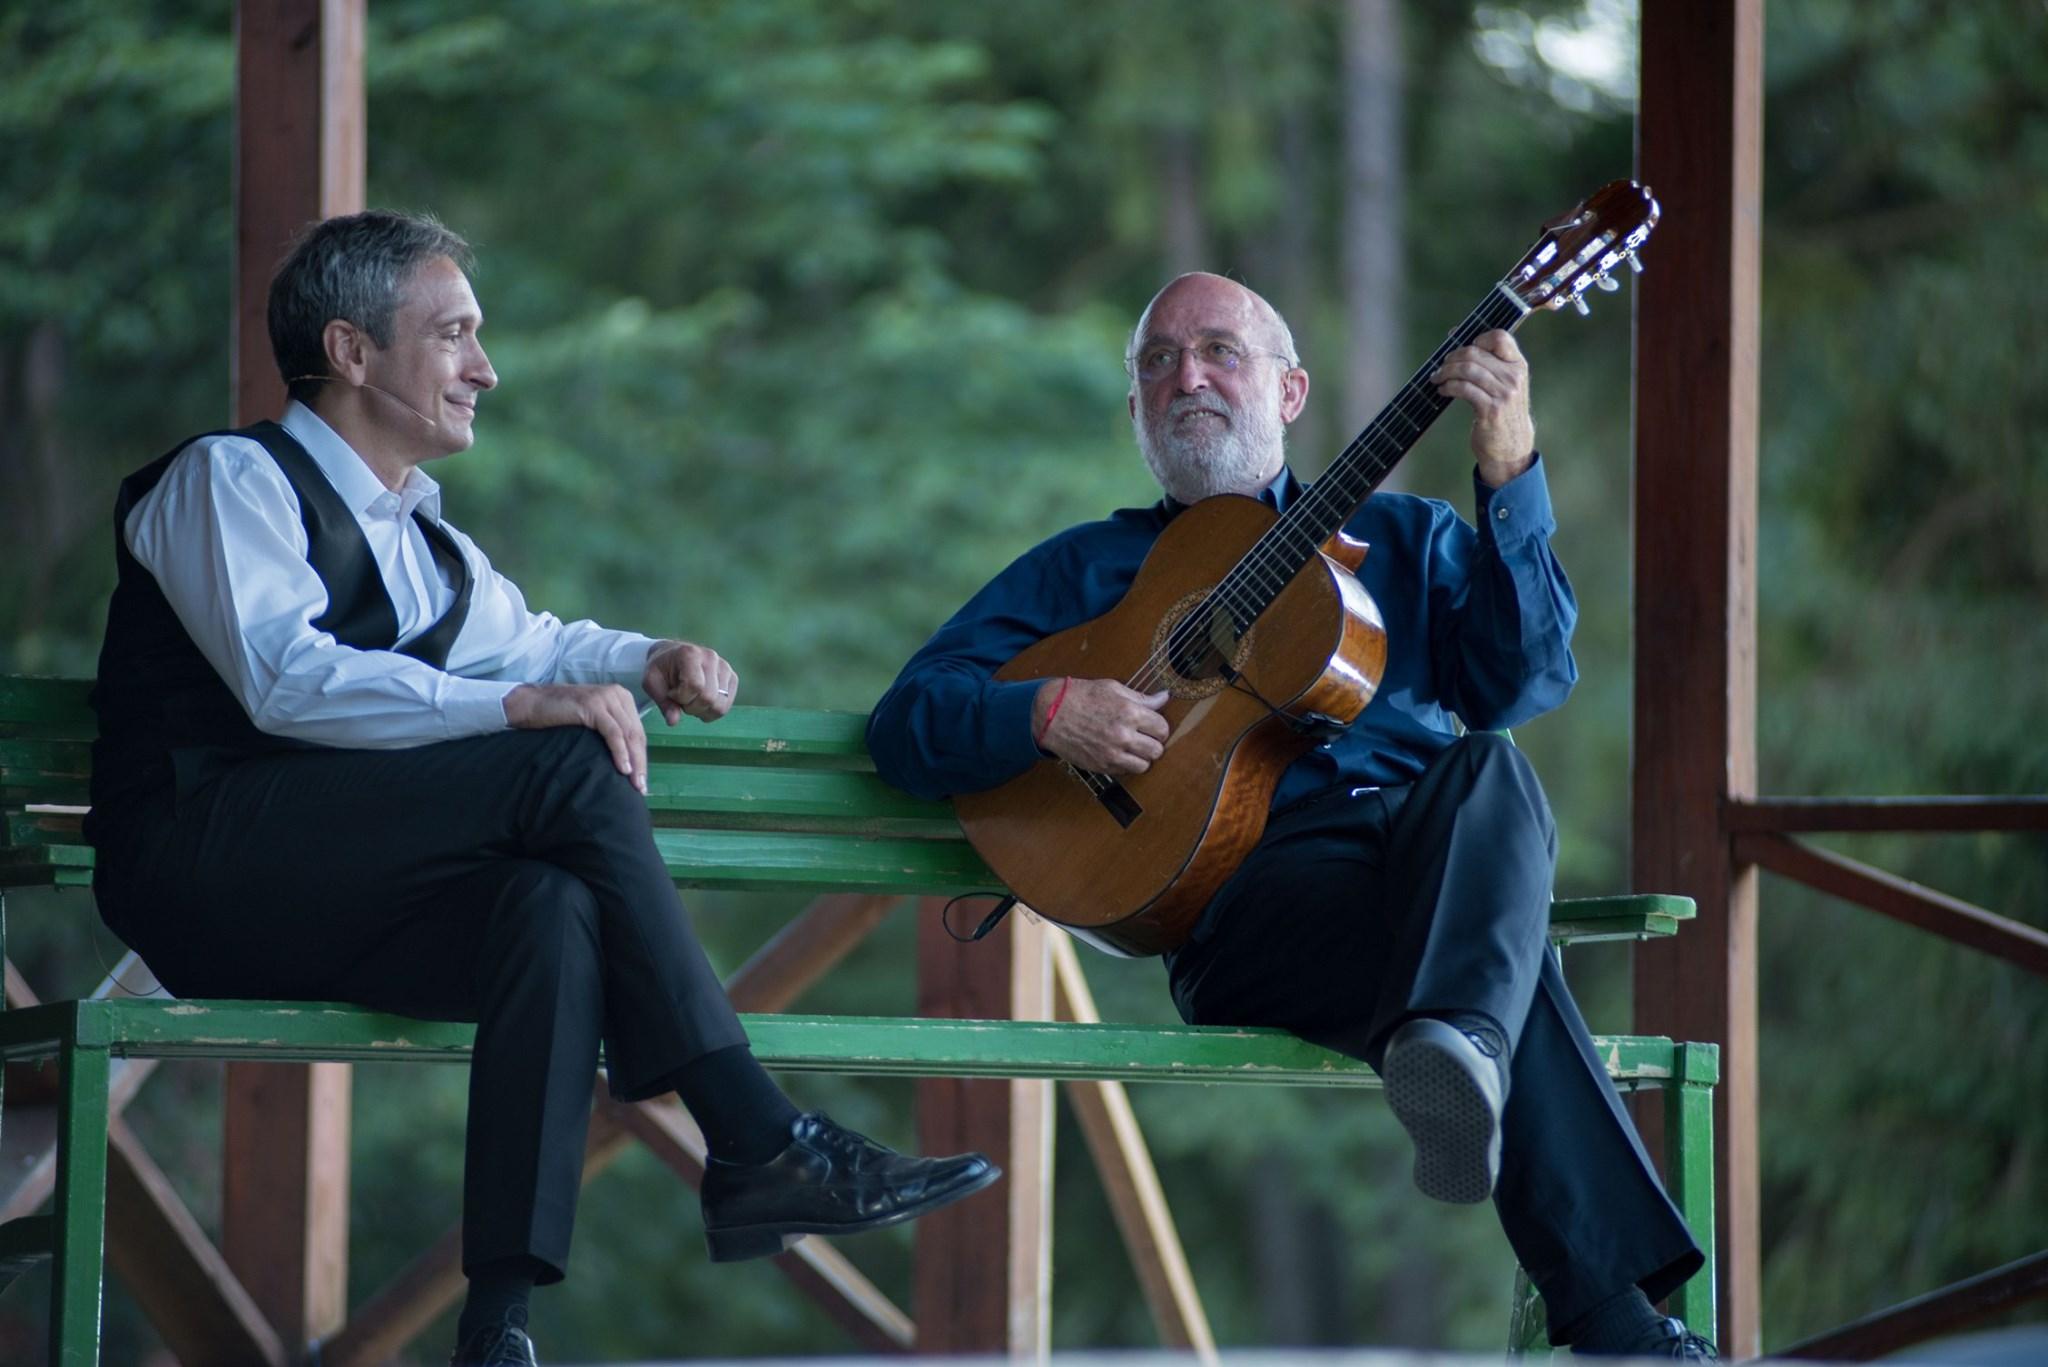 Vannak vidékek – Bogdán Zsolt és Kaláka együttes Kányádi estje